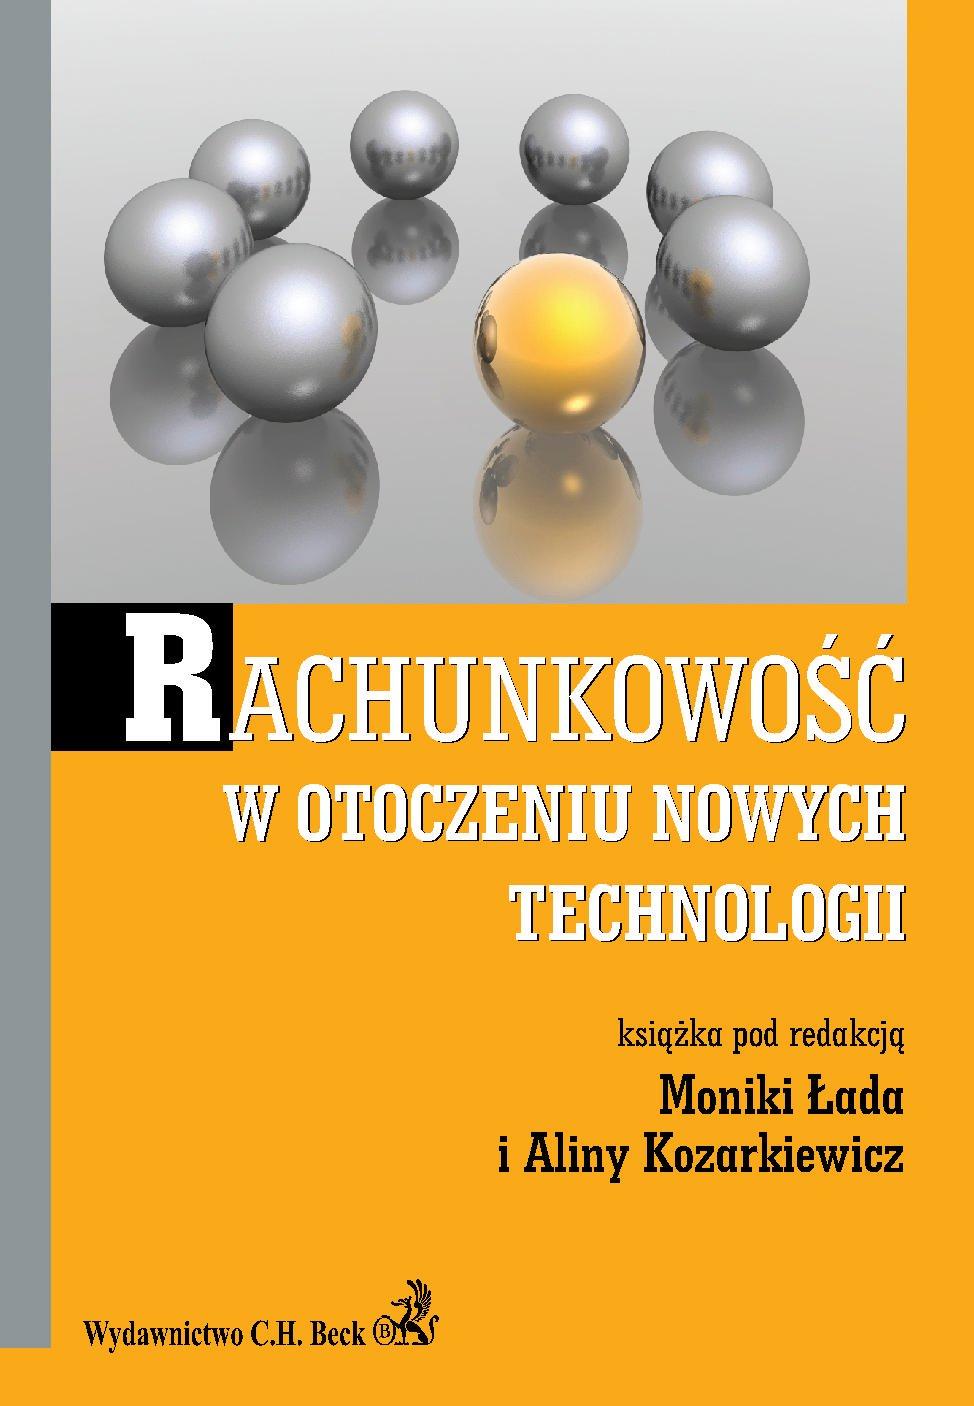 Rachunkowość w otoczeniu nowych technologii - Ebook (Książka PDF) do pobrania w formacie PDF